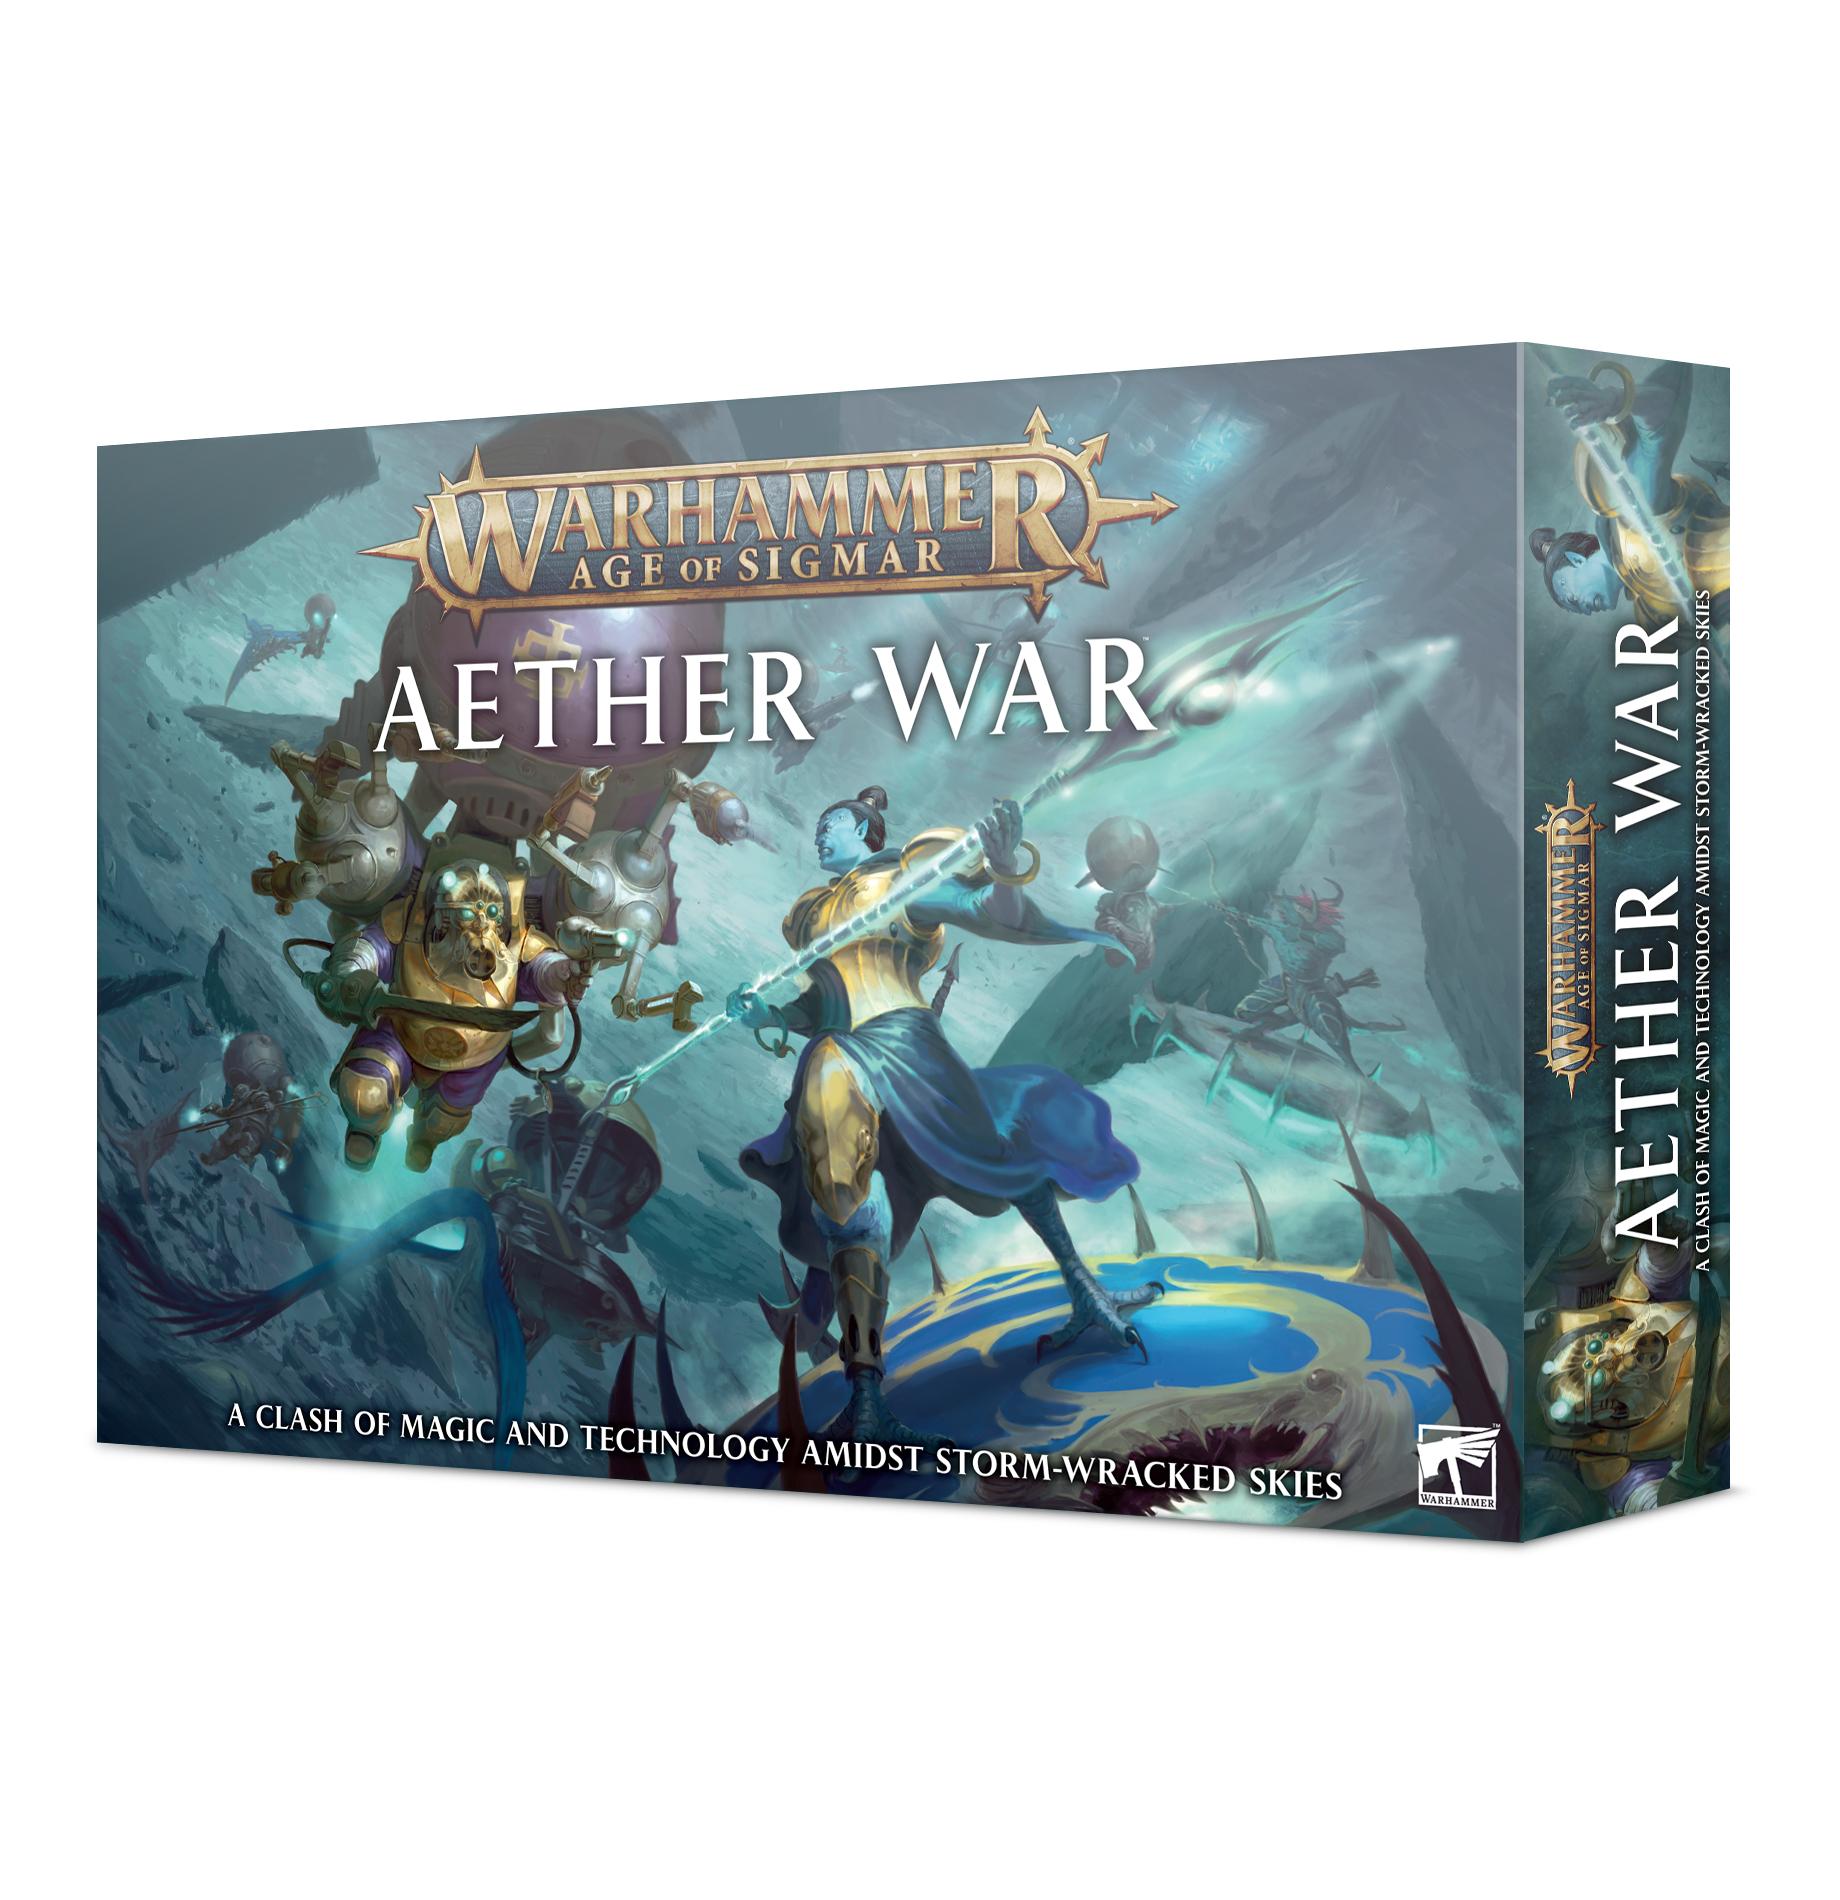 Warhammer Age Of Sigmar: Aether War